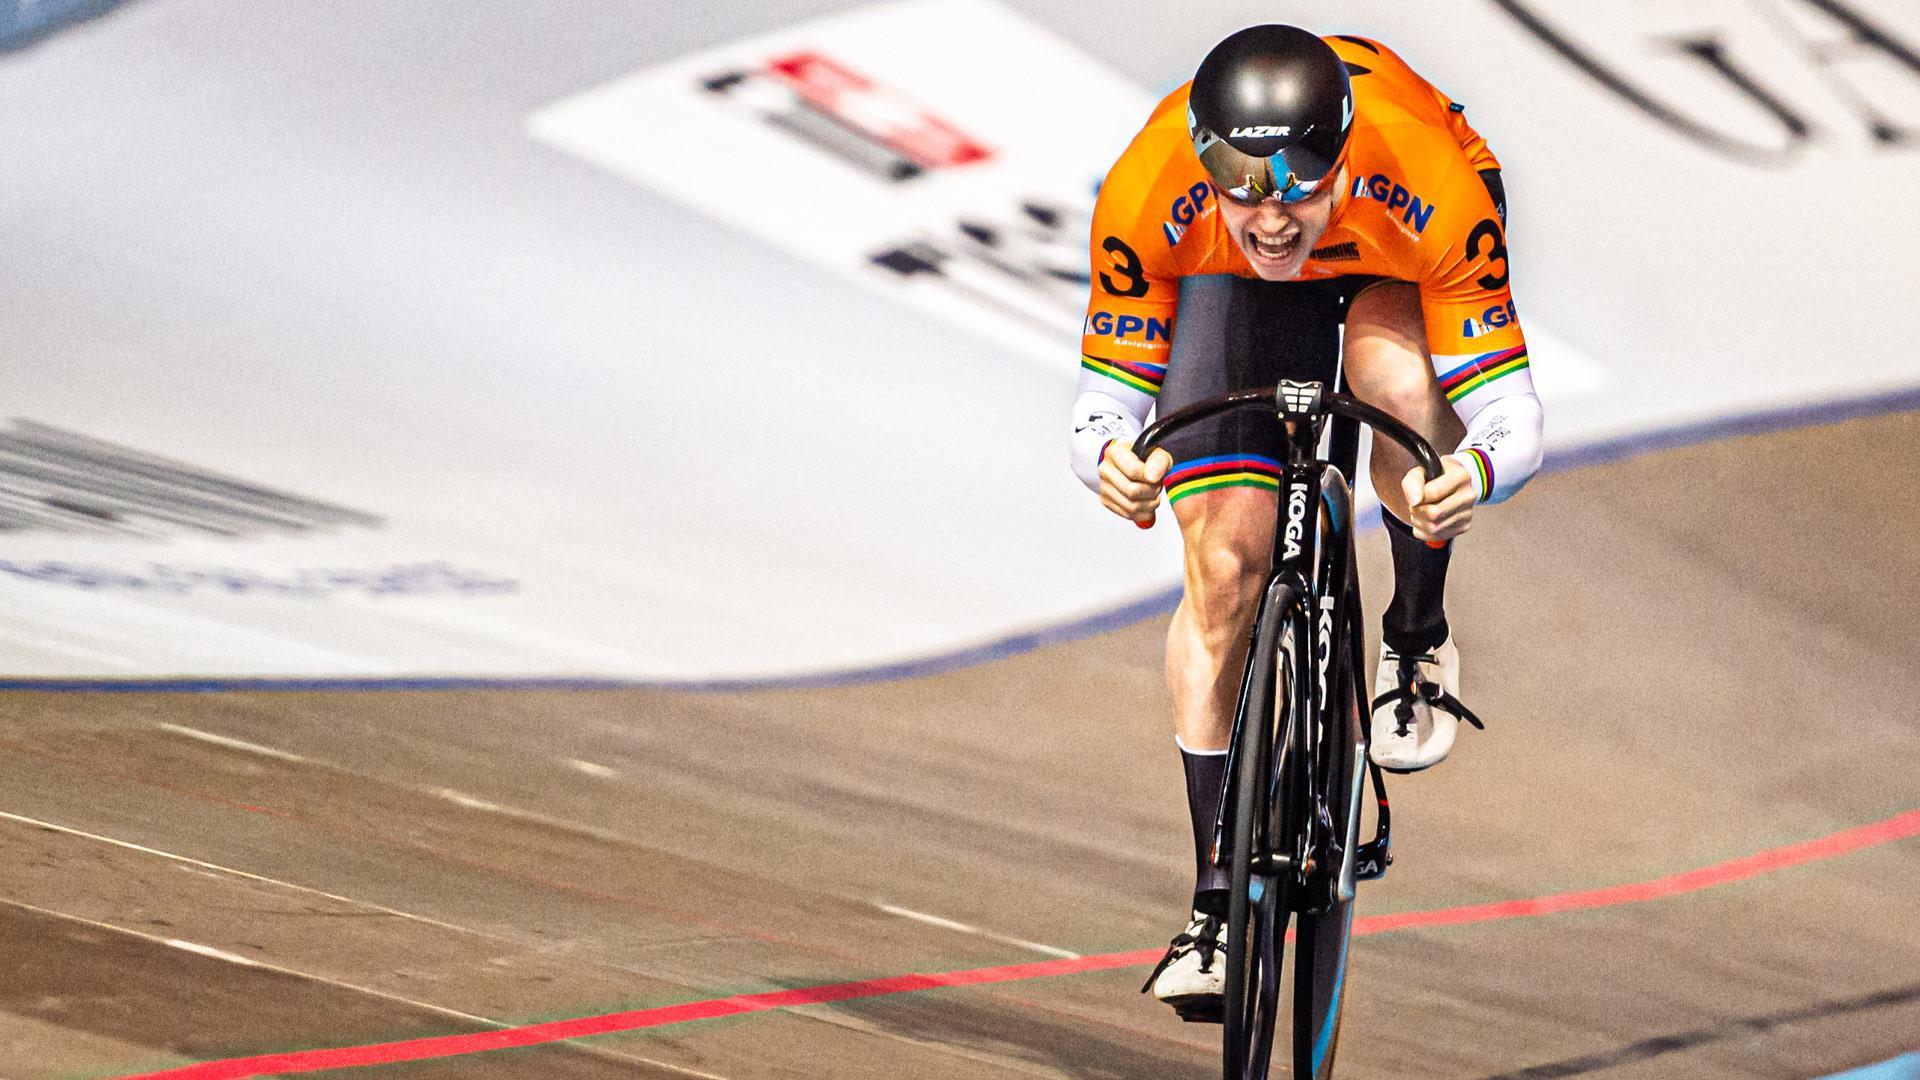 Tweevoudig olympisch kampioen Lavreysen naar Wooning Zesdaagse